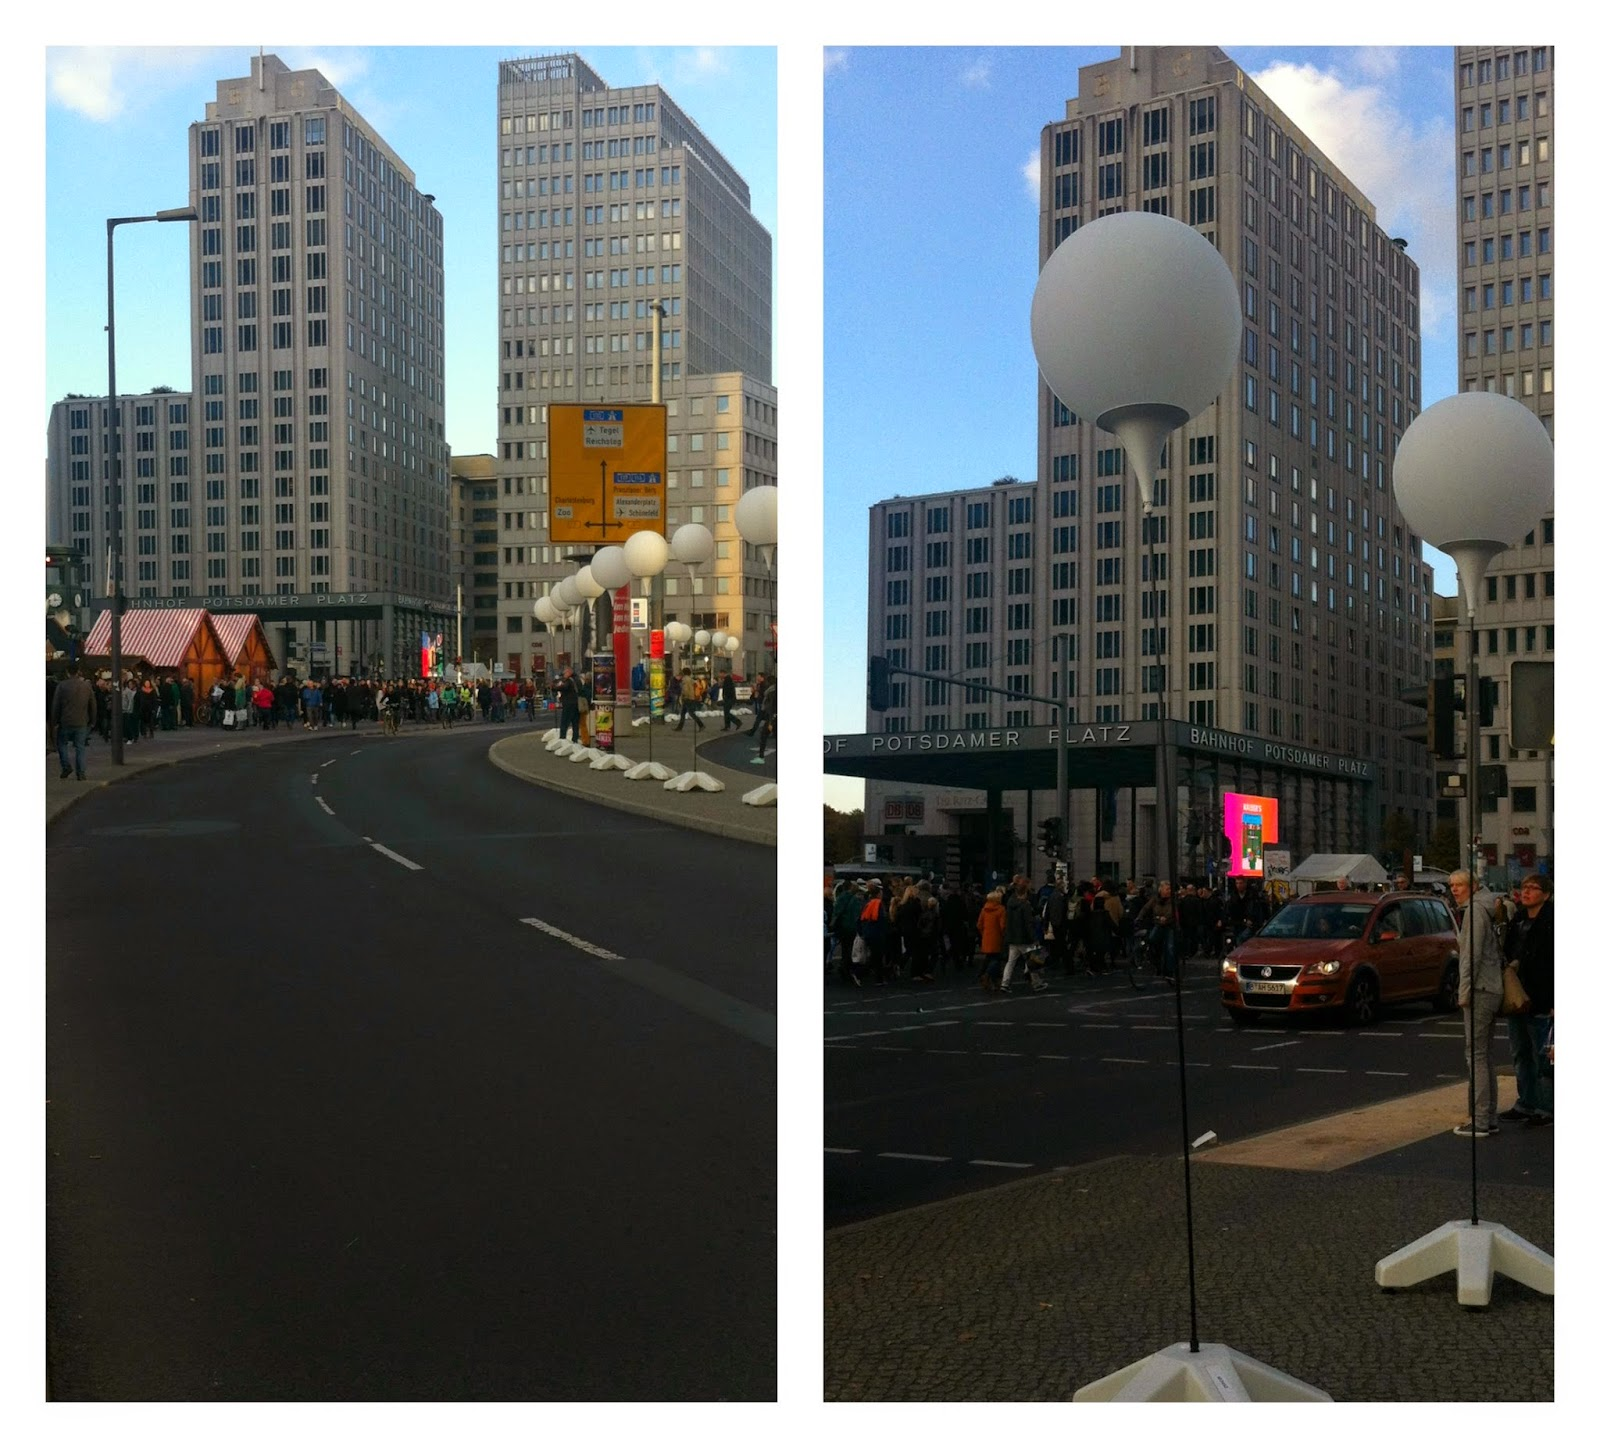 Lichtgrenze Berlin 2014 - Fronteira de luz em Berlim - comemoração dos 25 anos da queda do Muro de Berlim